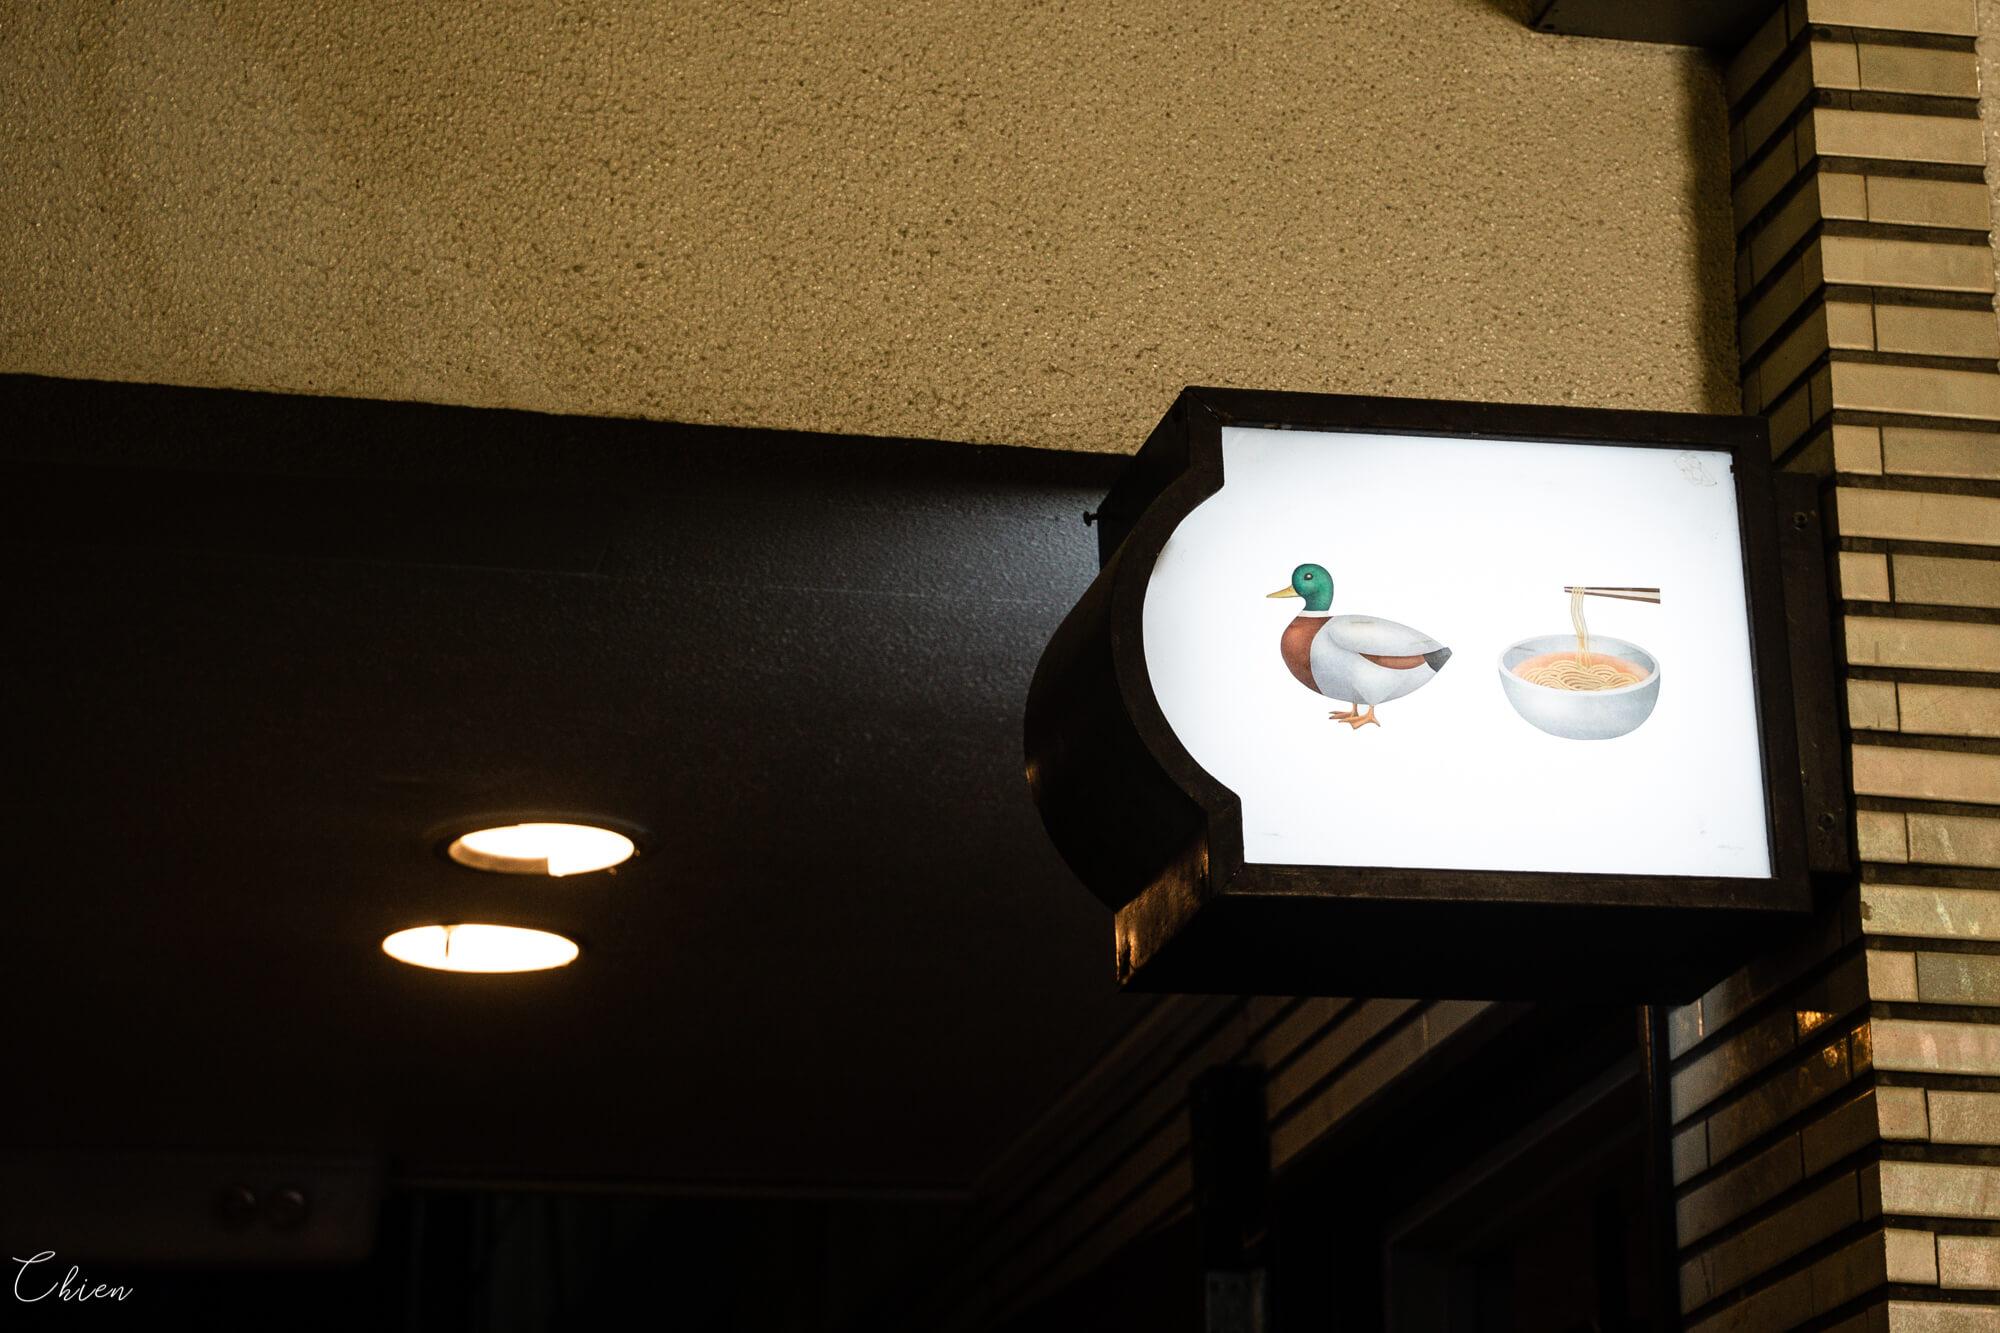 京都祇園巷弄裡的低調拉麵店「Gion Duck Noodles🦆🍜」